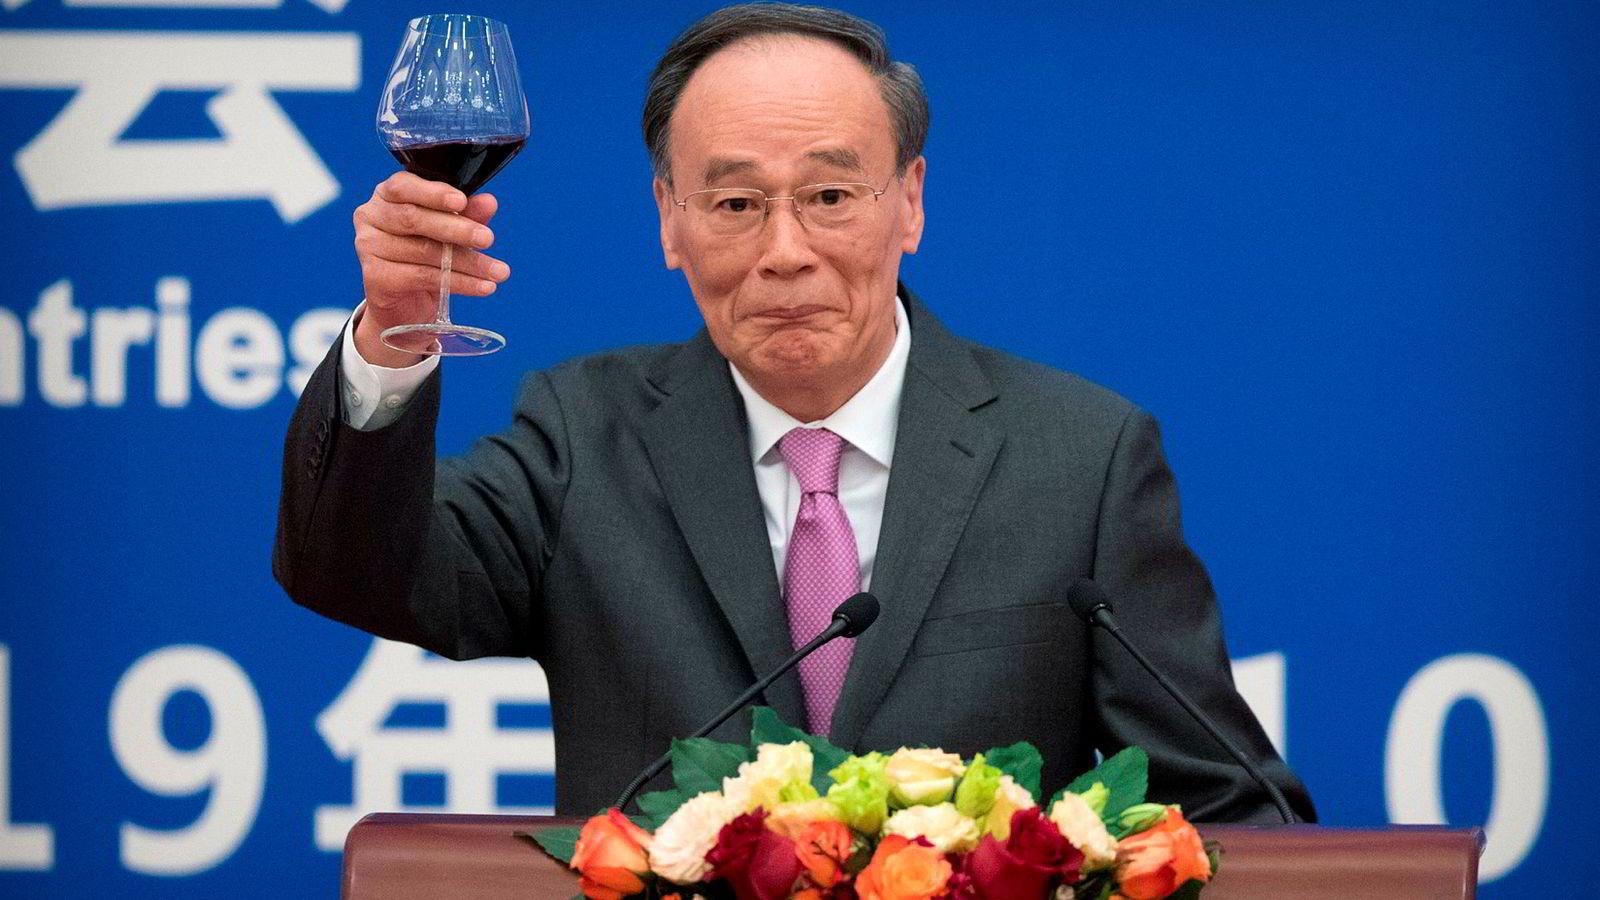 Kinas handelsoverskudd med USA økte ifjor til tross for pågående handelskrig. På bildet skåler imidlertid Kinas visepresident Wang Qishan over samarbeidet mellom Kina og USA ved markeringen rett før helgen av 40-årsdagen for etablering av diplomatisk samarbeid mellom de to stormaktene.